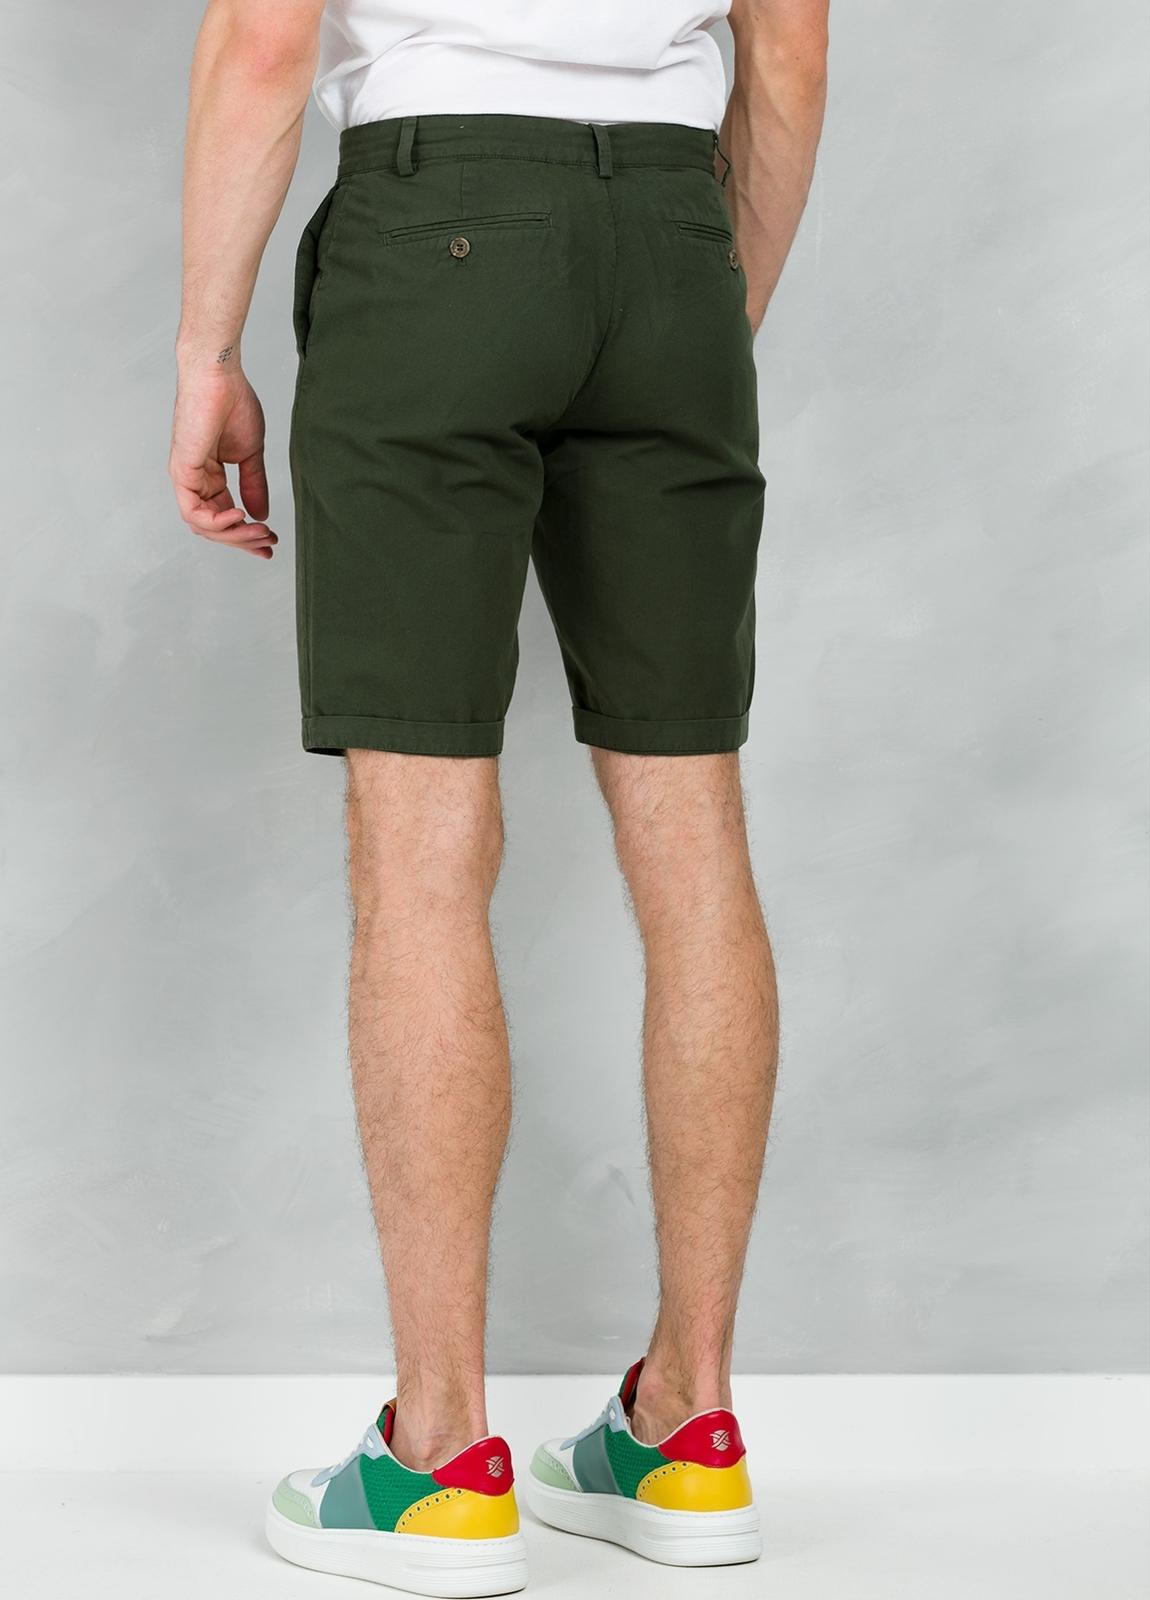 Short Furest Casual Wear color kaki, 100% Algodón. - Ítem1